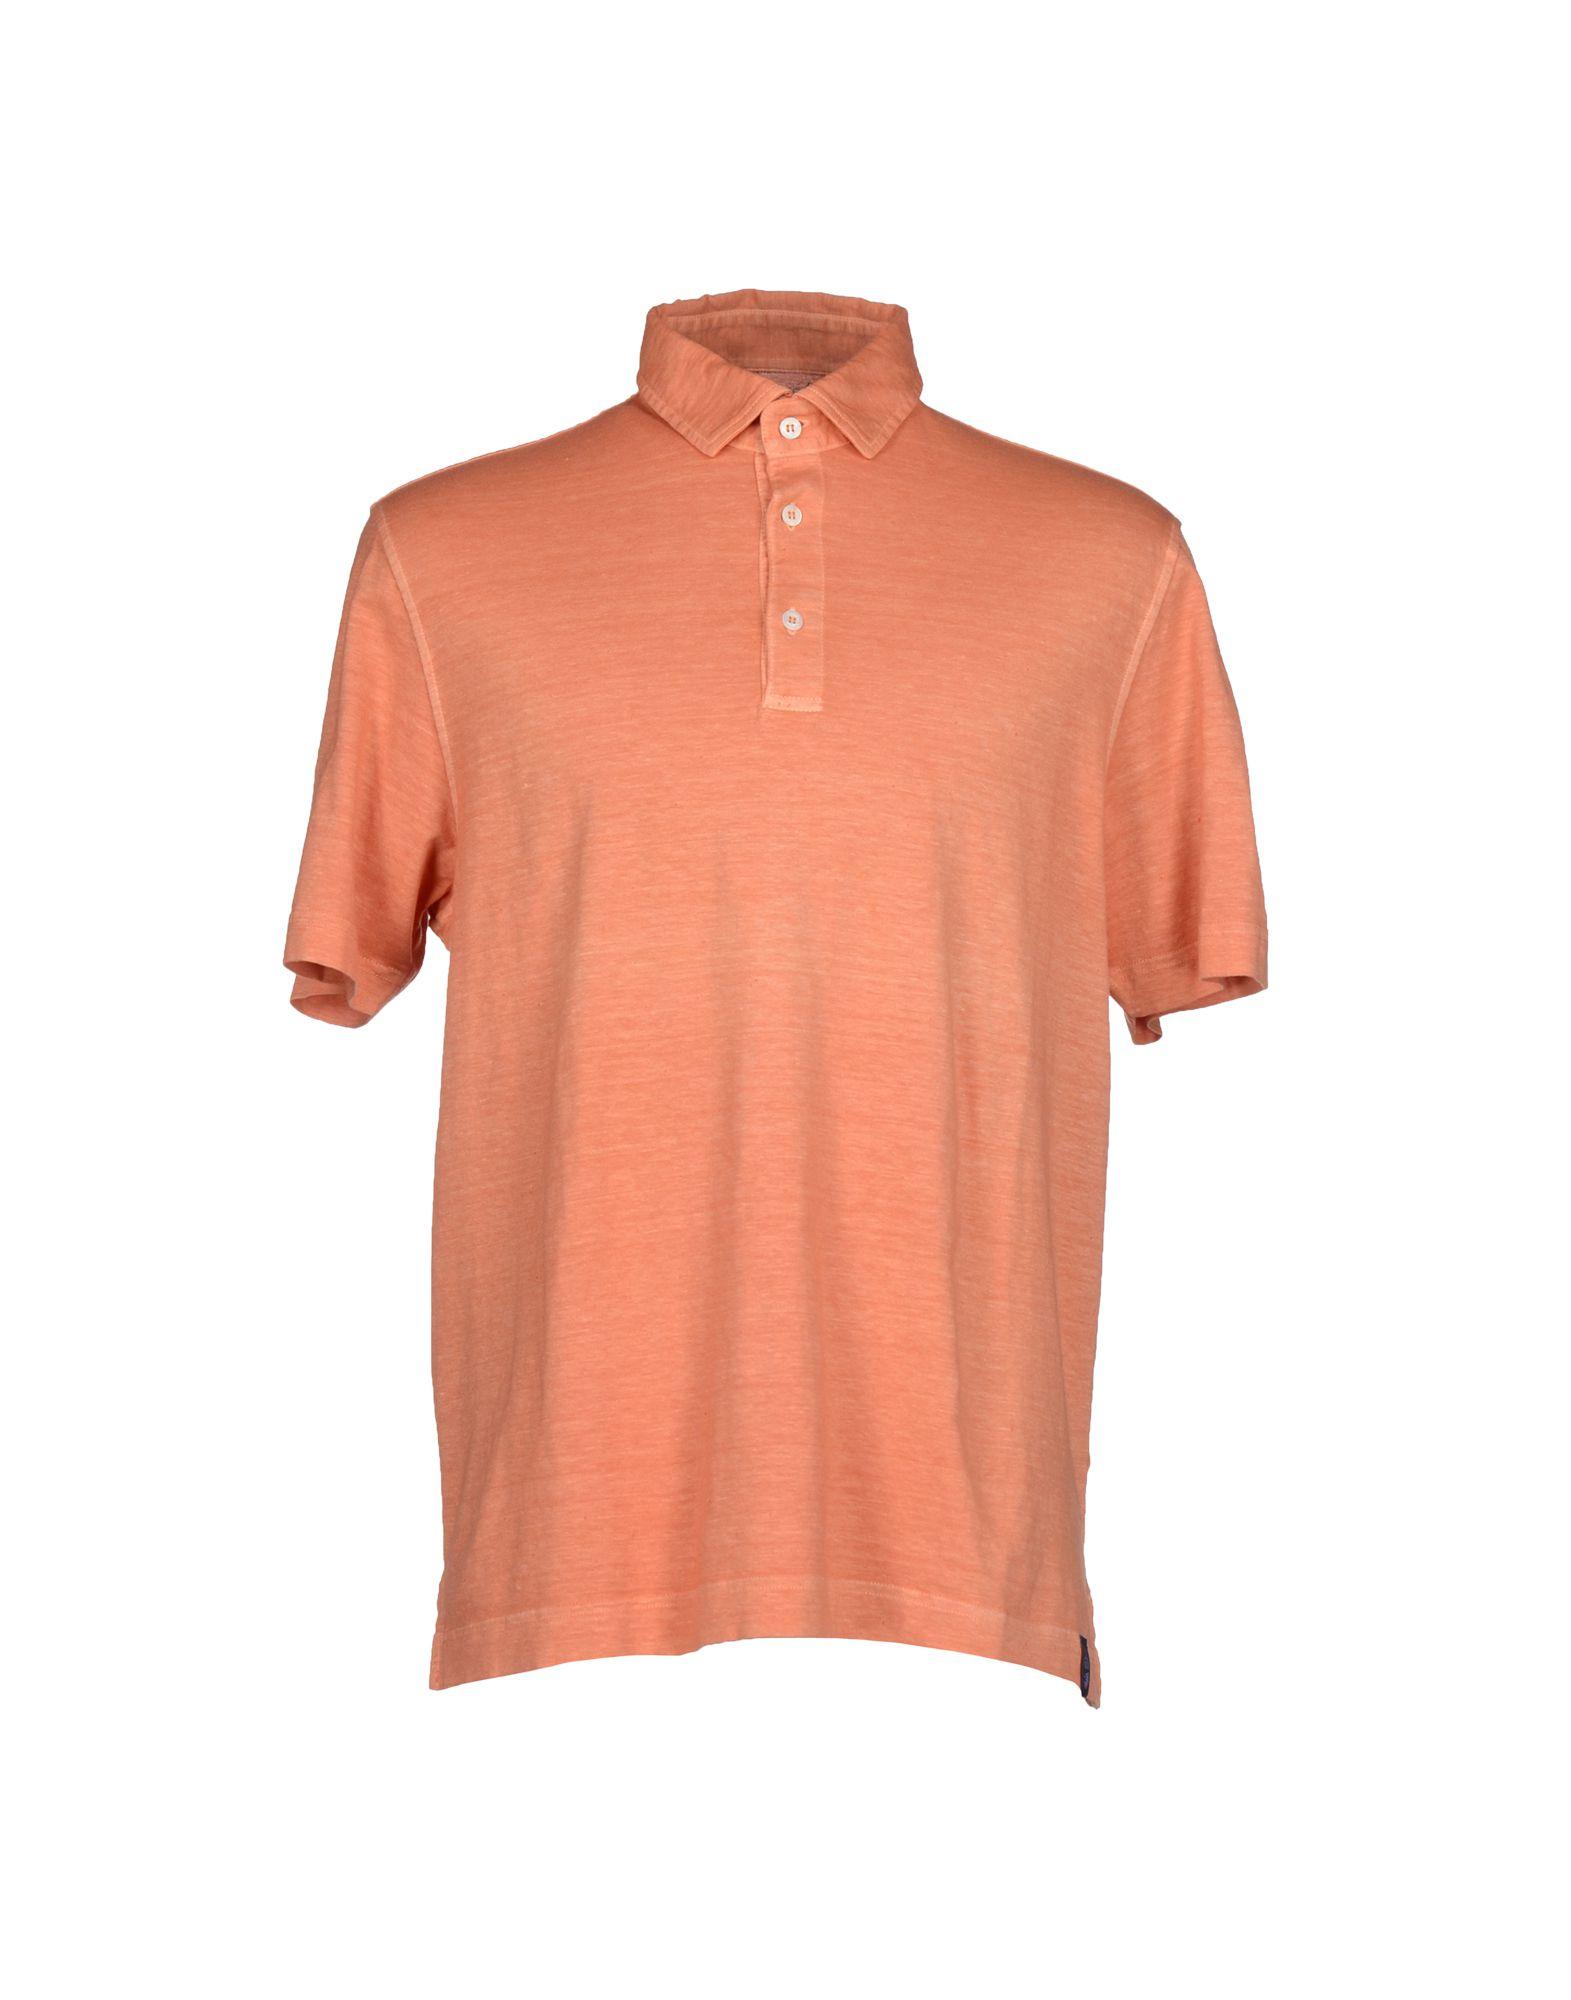 Drumohr polo shirt in orange for men lyst for Orange polo shirt mens